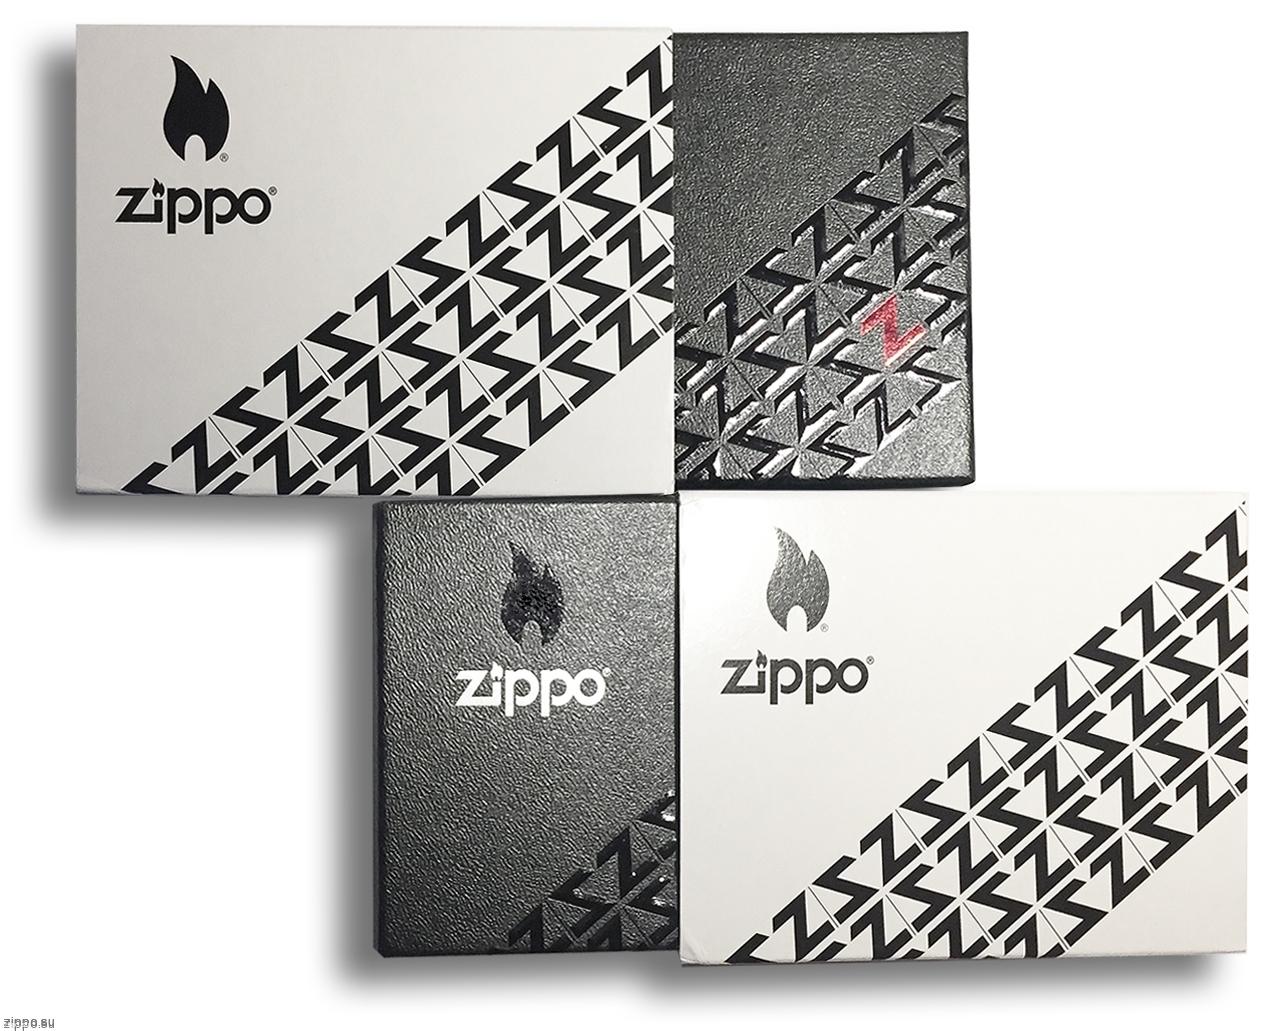 29674 Зажигалка Zippo Armor Zipper Design, Polish Chrome - коллекционная подарочная упаковка